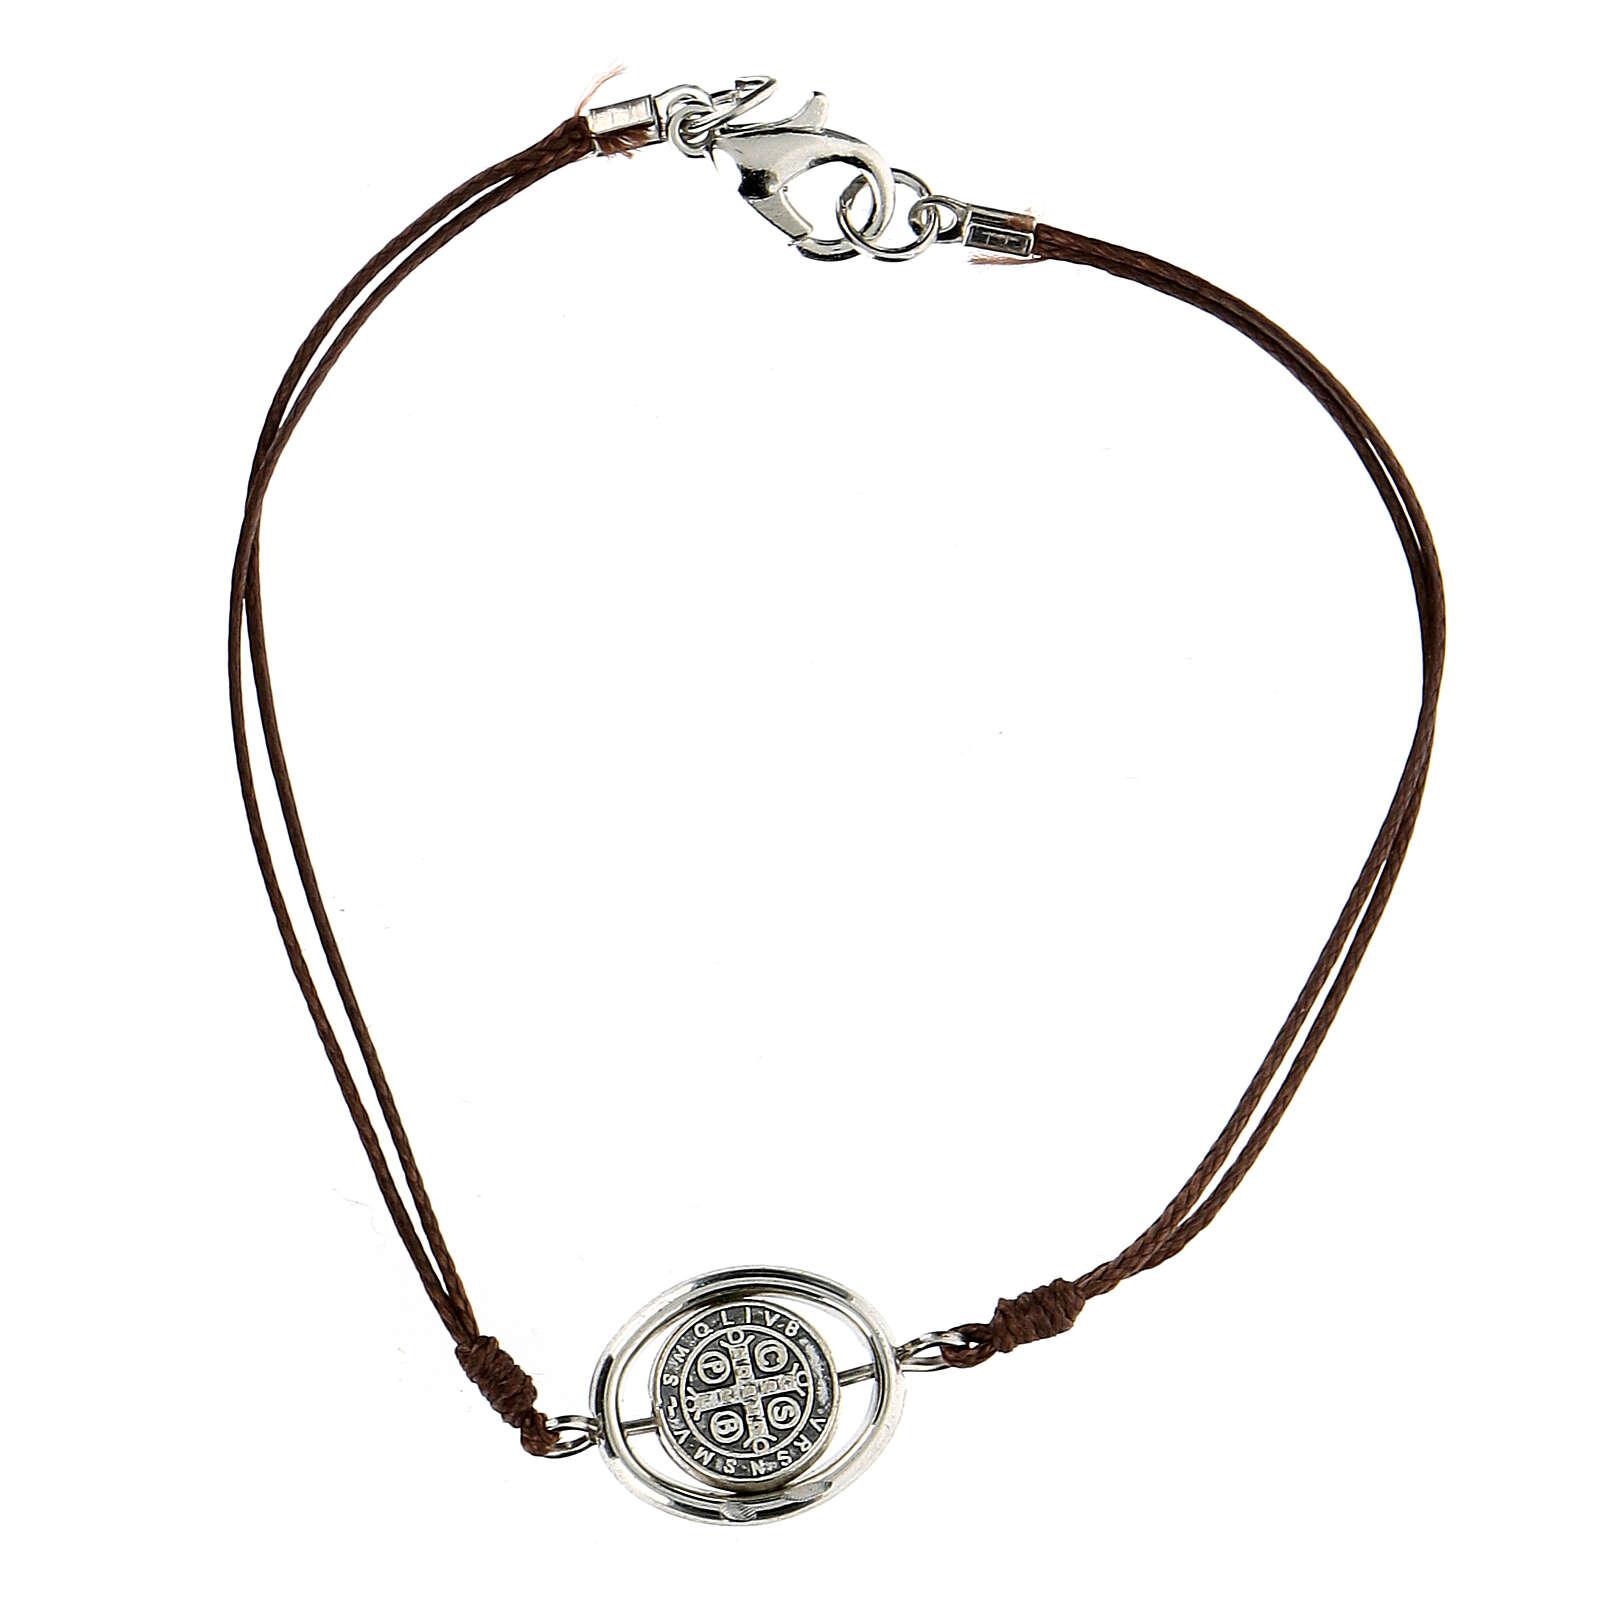 Bracelet Saint Benoît corde marron 9 mm 4